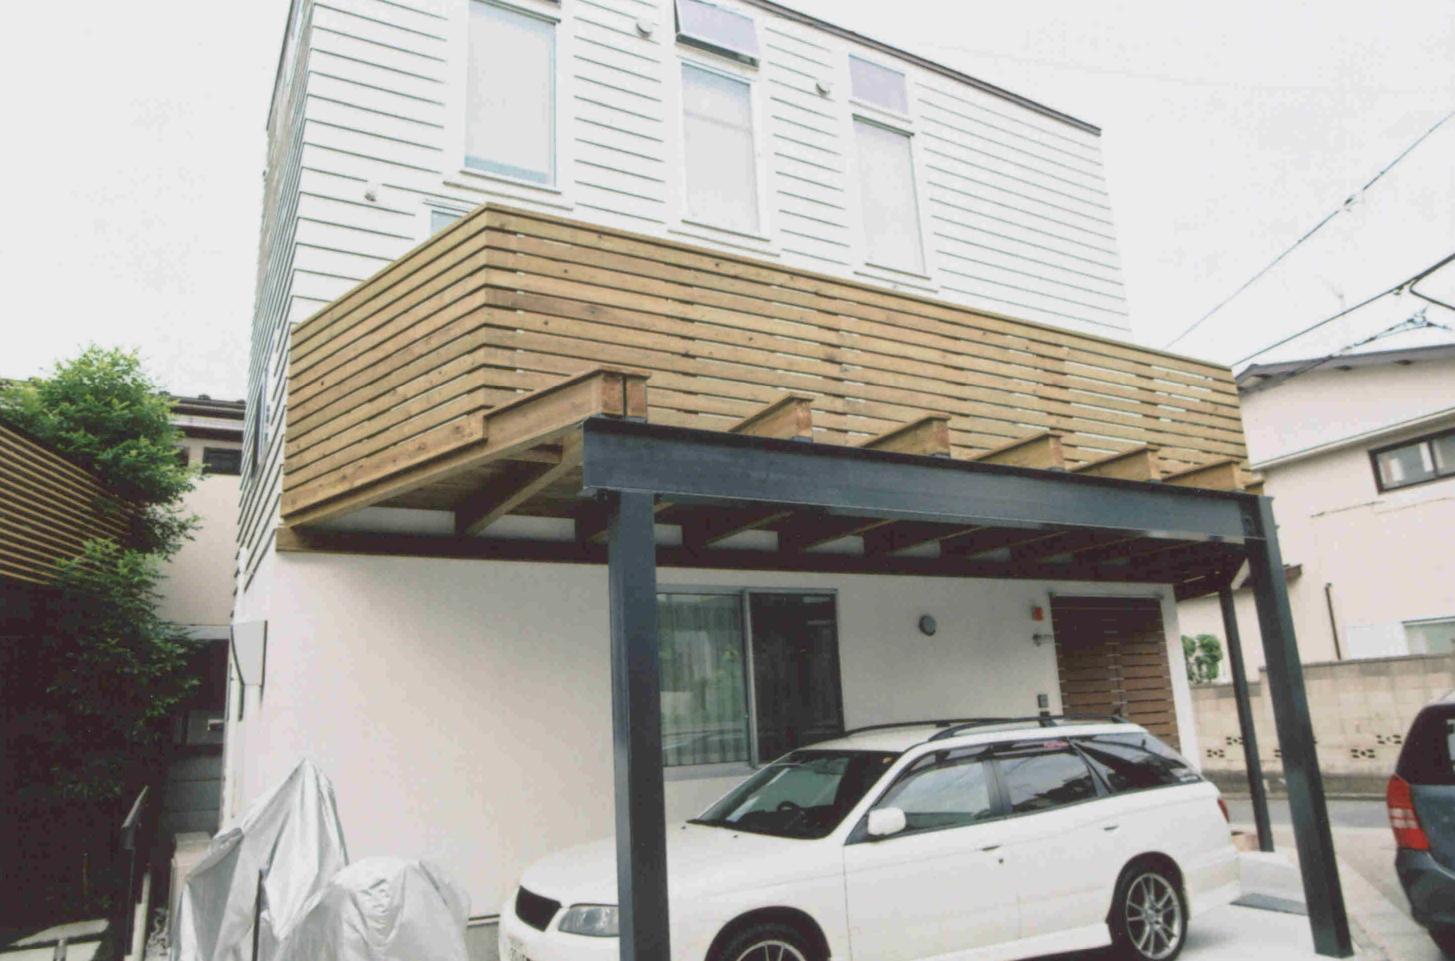 東京都世田谷区H様邸 建物の既存のバルコニーを一部解体し、木製のバルコニーとつなげました。梁がむき出しになる部分は清水寺でも使われている板屋根の技法でカバー